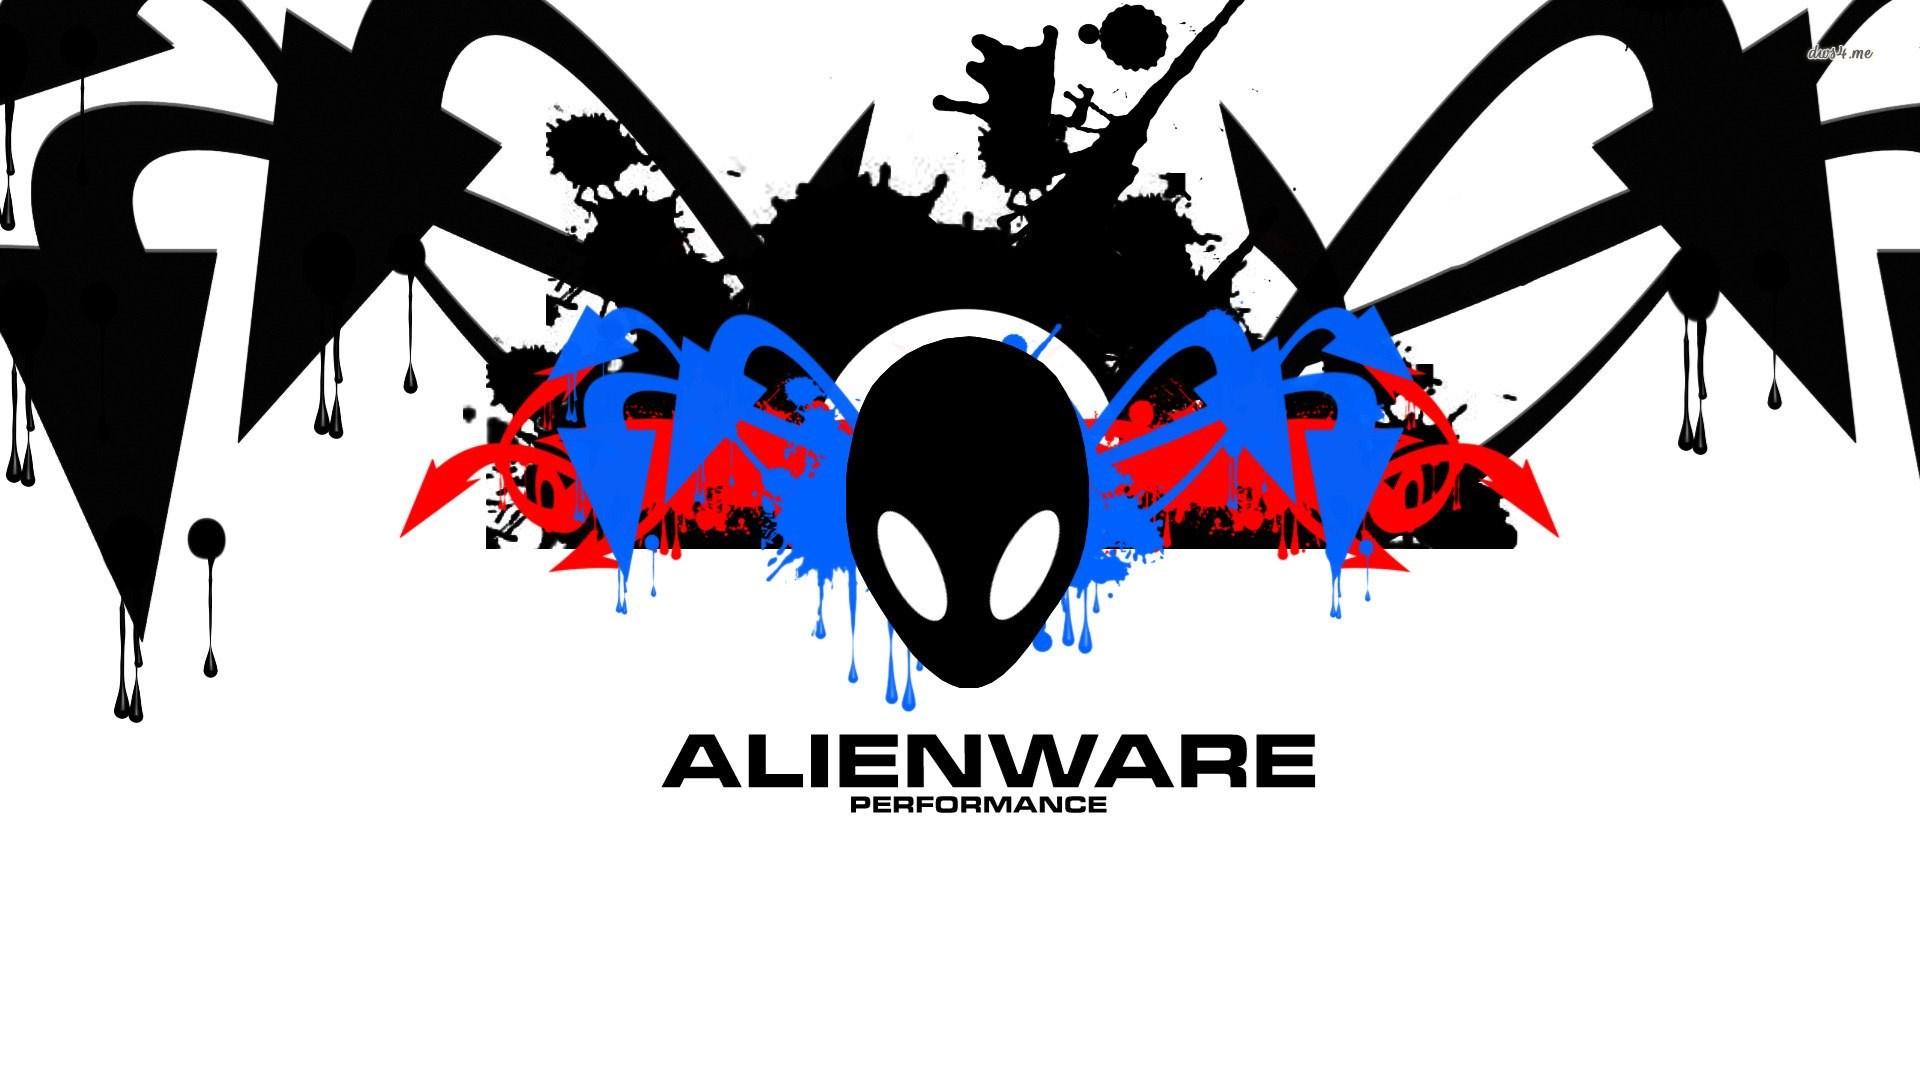 Alienware Hd Wallpapers Wallpapers